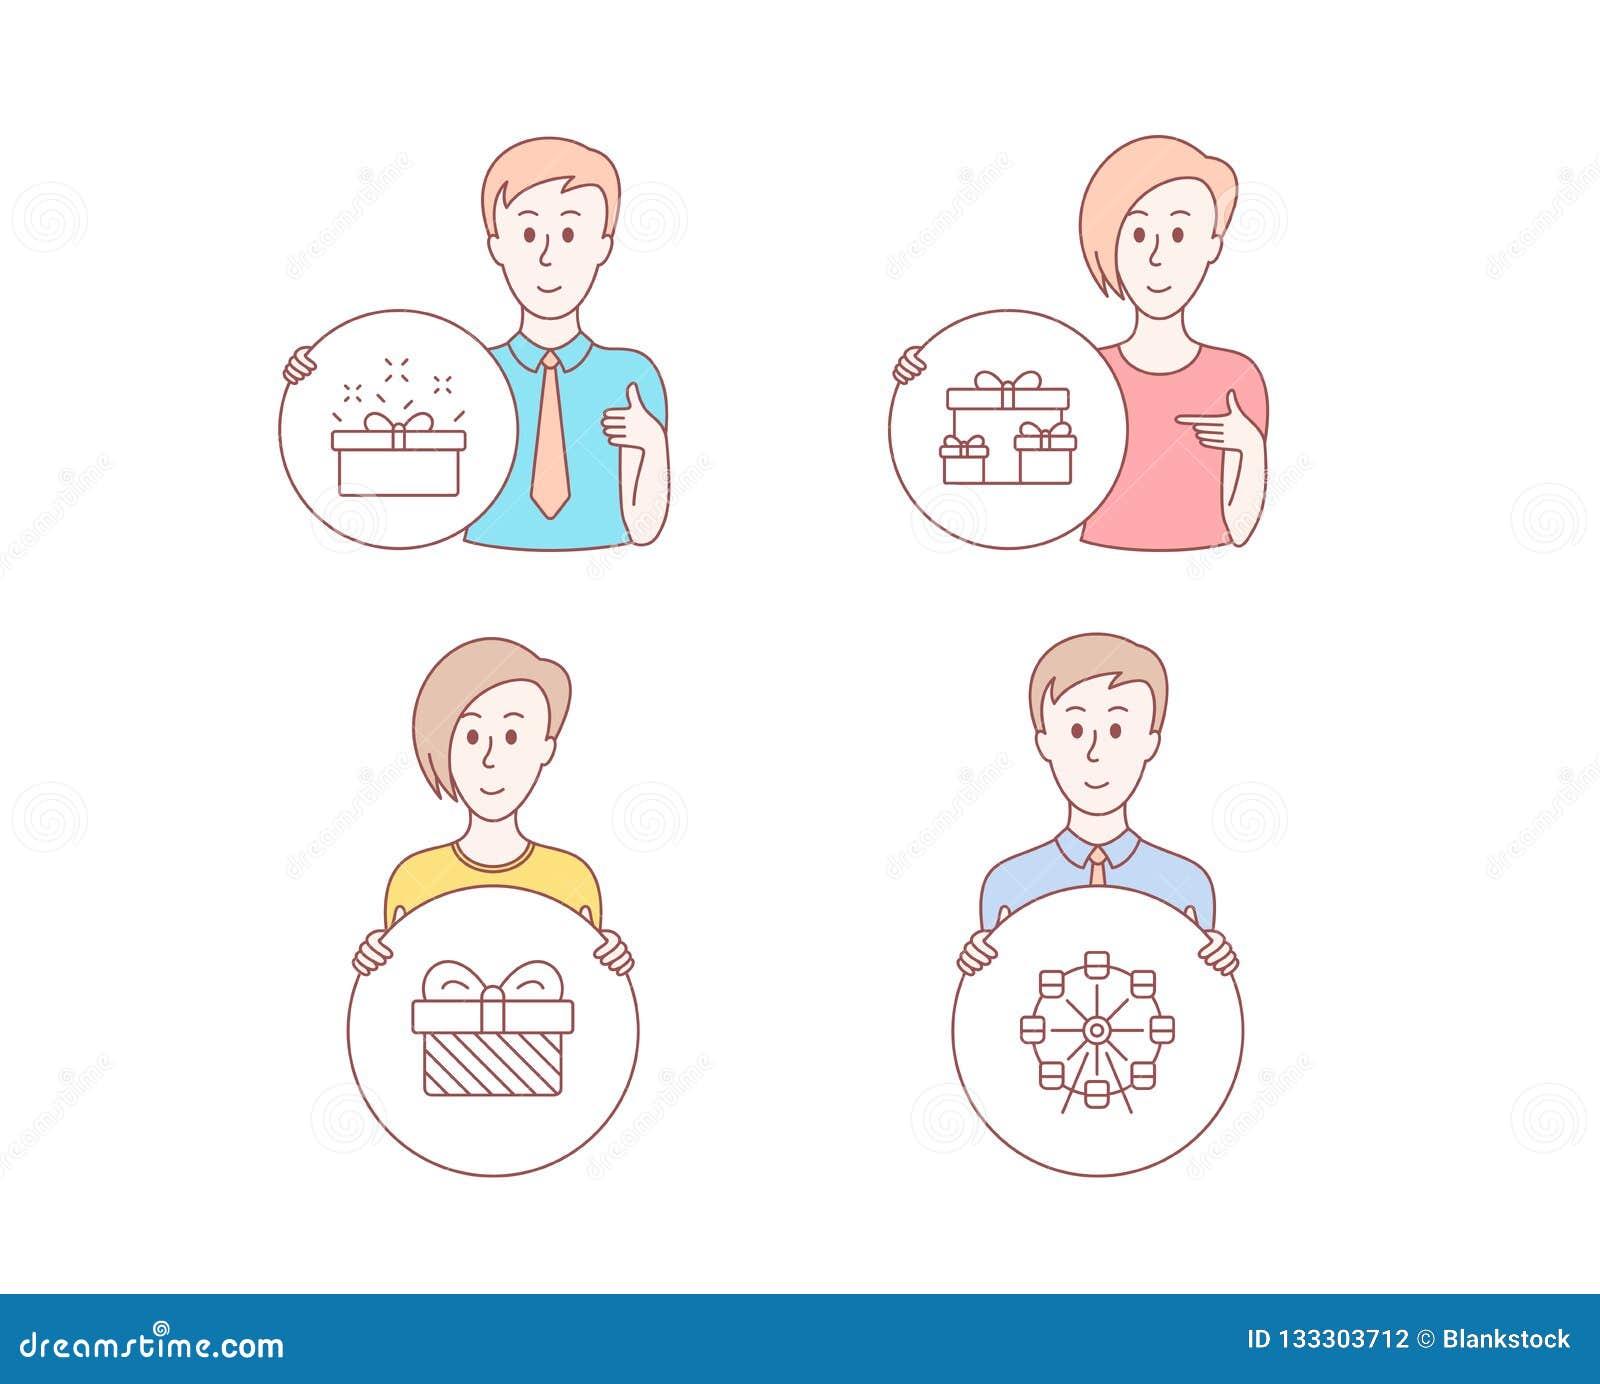 Sorprenda las cajas, el regalo y los actuales iconos de la caja Muestra de la noria Regalos de vacaciones, presente, oferta de la